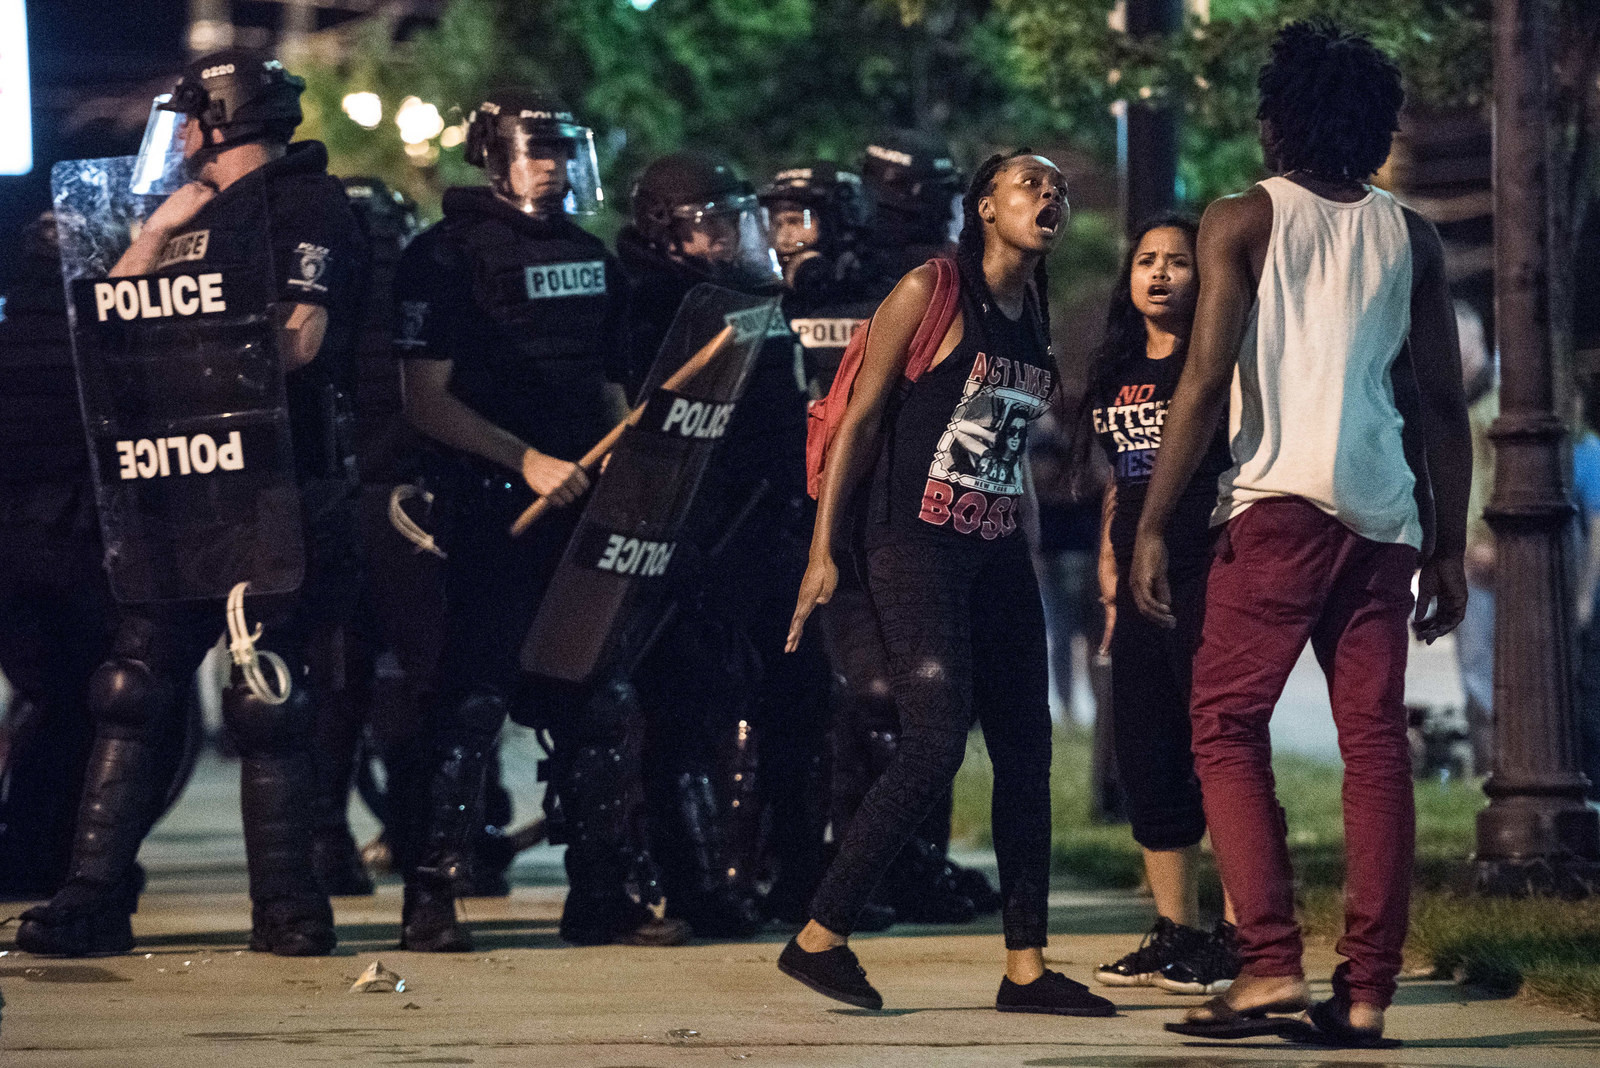 Гражданские беспорядки в США: Шарлотт в огне Шарлотт, беспорядки, бунт, сша